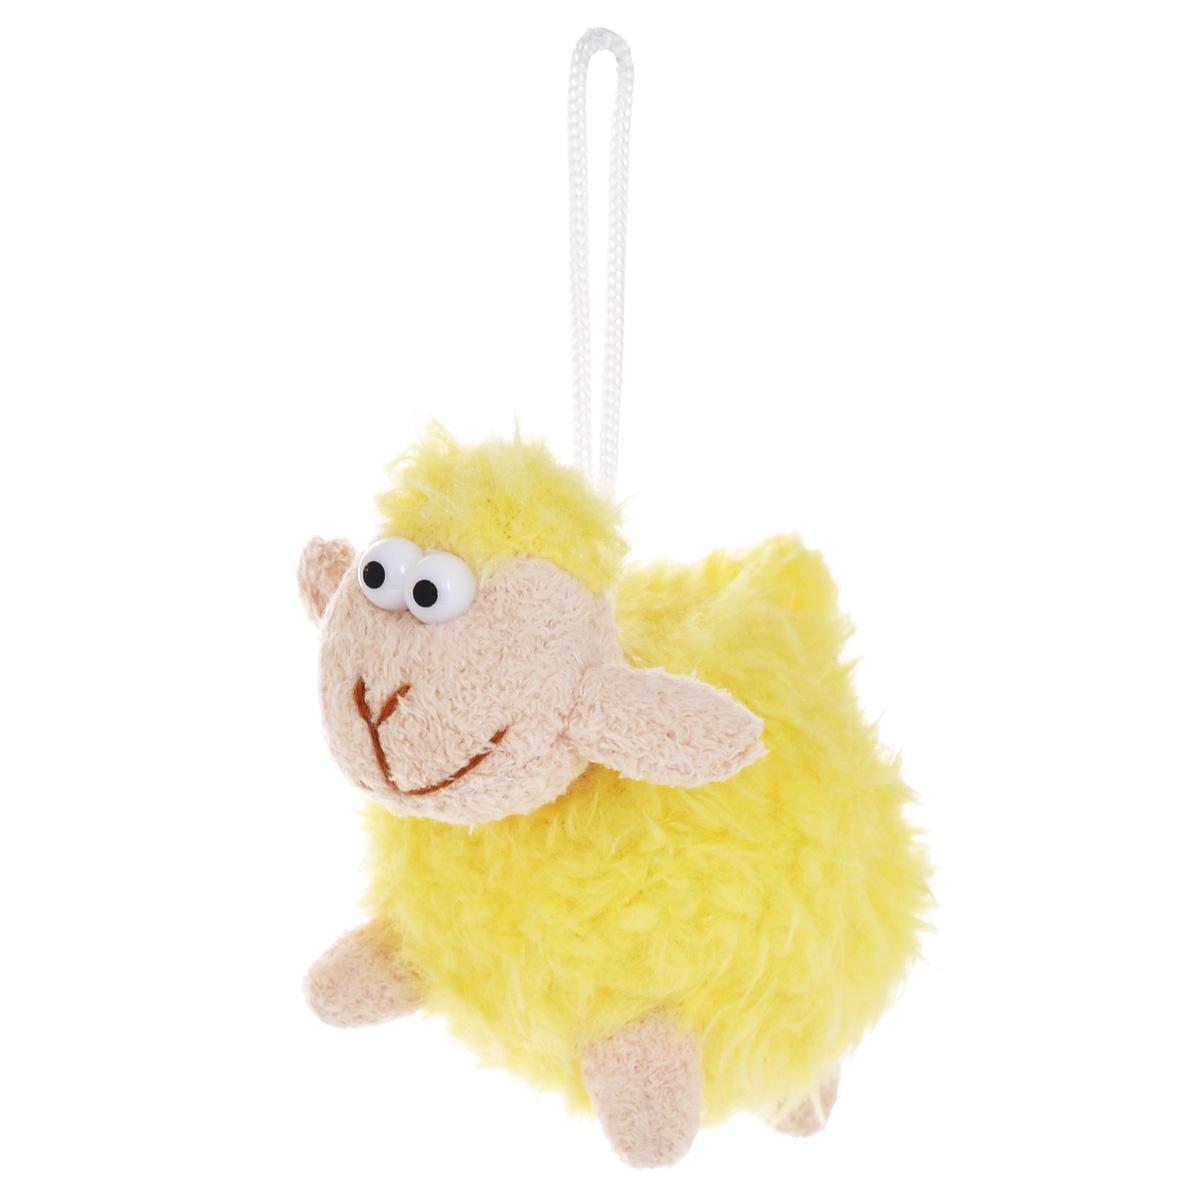 """Очаровательная мягкая игрушка-подвеска Sima-land """"Овечка"""" не оставит вас равнодушным и вызовет улыбку у каждого, кто ее увидит. Игрушка выполнена из искусственного меха и текстиля в виде забавной овечки с выпуклыми глазами. К игрушке прикреплена текстильная петелька для подвешивания. Мягкая и приятная на ощупь игрушка станет замечательным подарком, который вызовет массу положительных эмоций.Размер игрушки: 115 мм х 70 мм х 80 мм."""